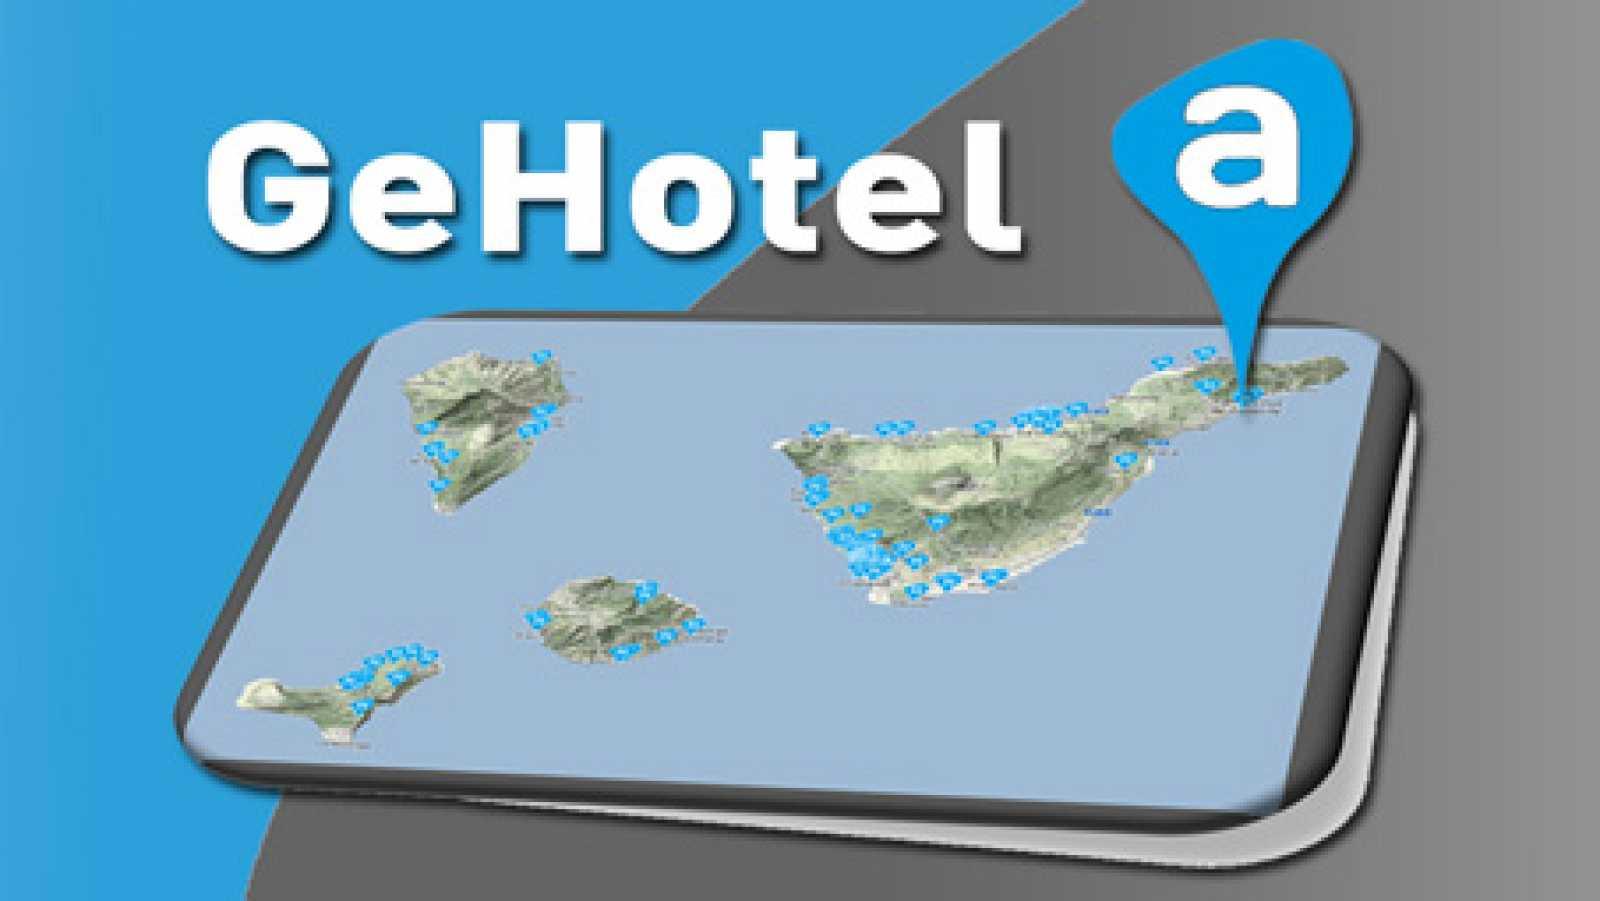 Turismo en comunidad - Gehotel, un proyecto canario para geolocalizar y virtualizar las empresas turísticas - 10/02/16 - escuchar ahora